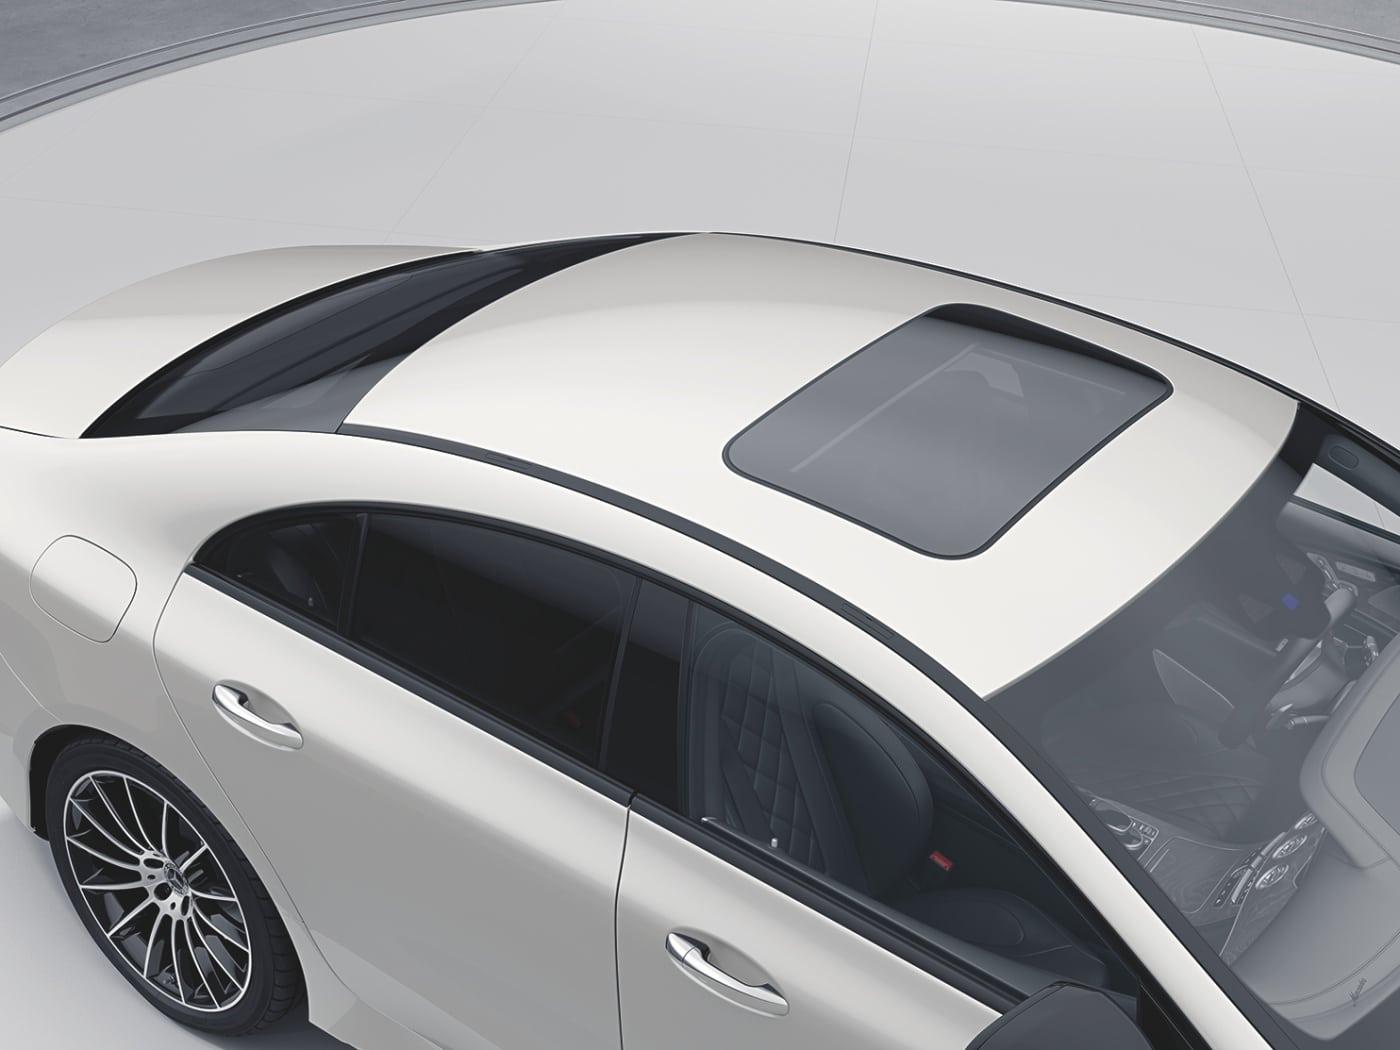 หลังคาซันลูบMercedes-Benz CLS 300 d AMG Premium